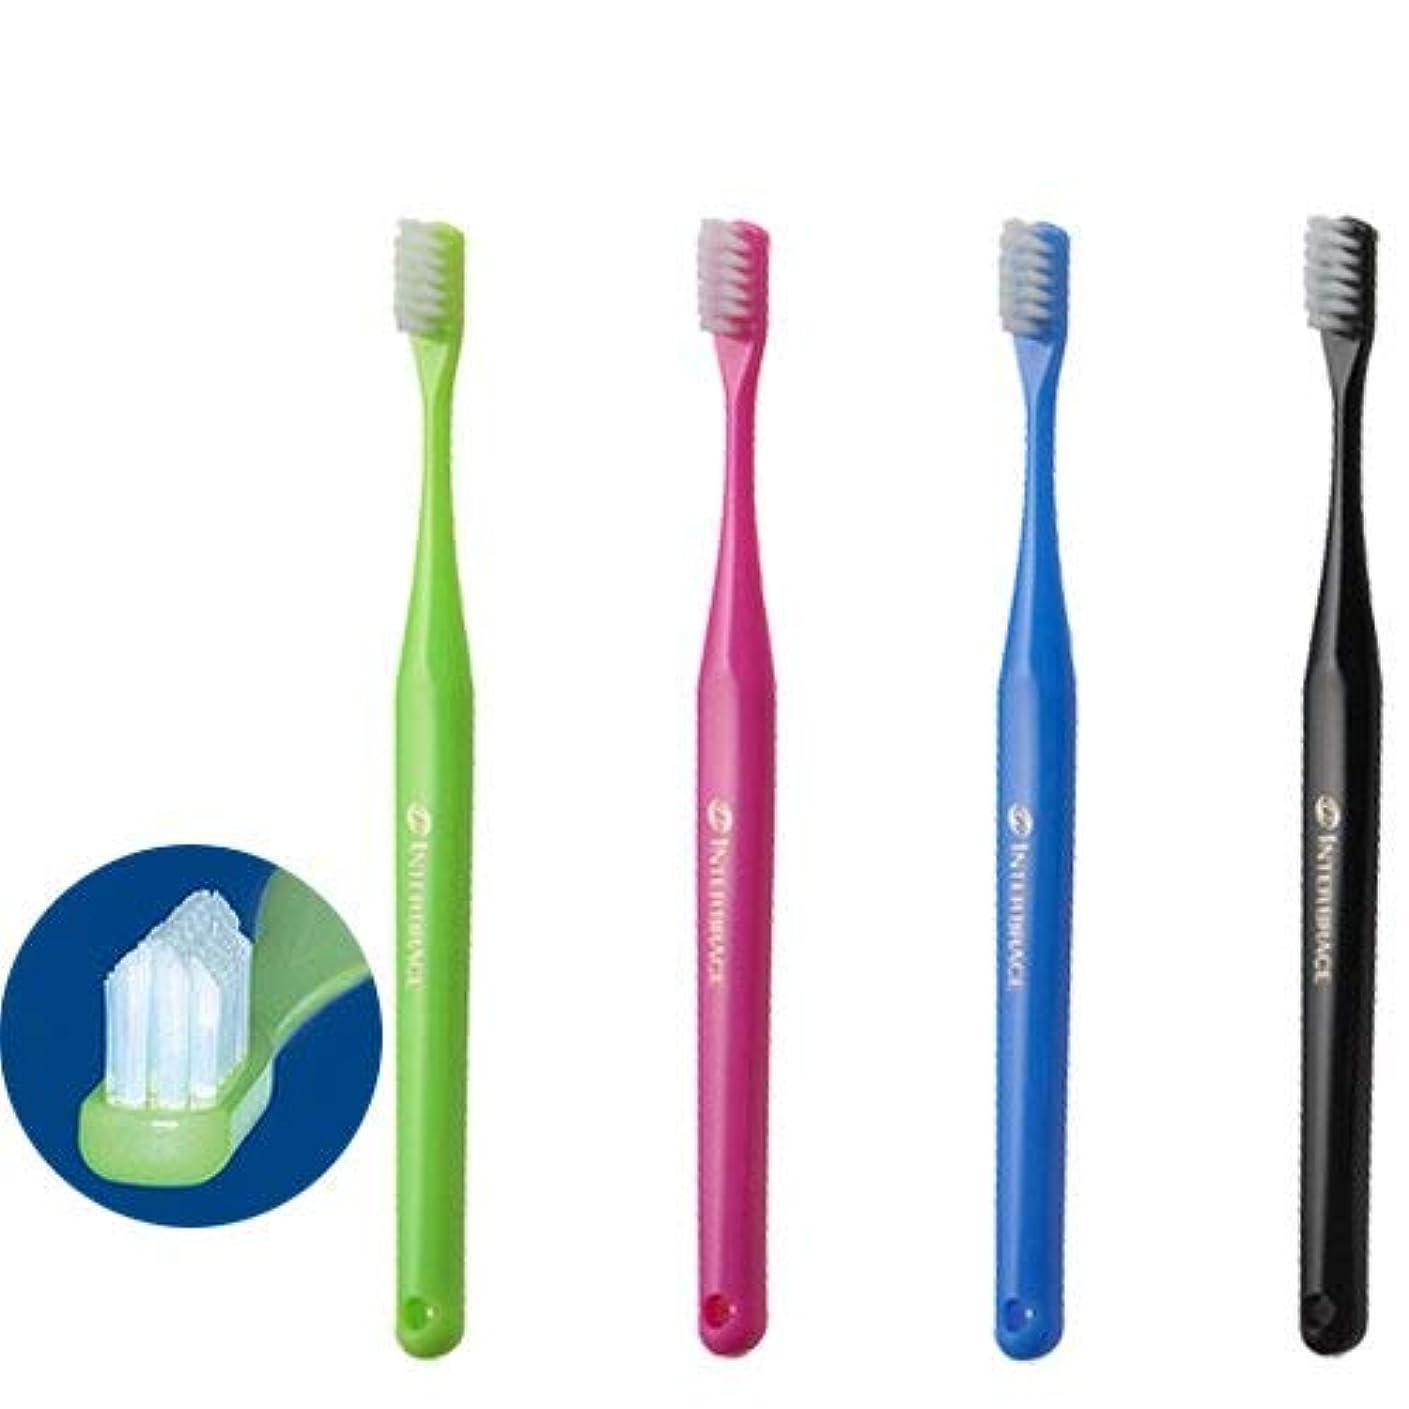 待つ不幸ベジタリアンインターブレイス (INTER BRACE) ×8本 矯正用歯ブラシ 歯科医院取扱品